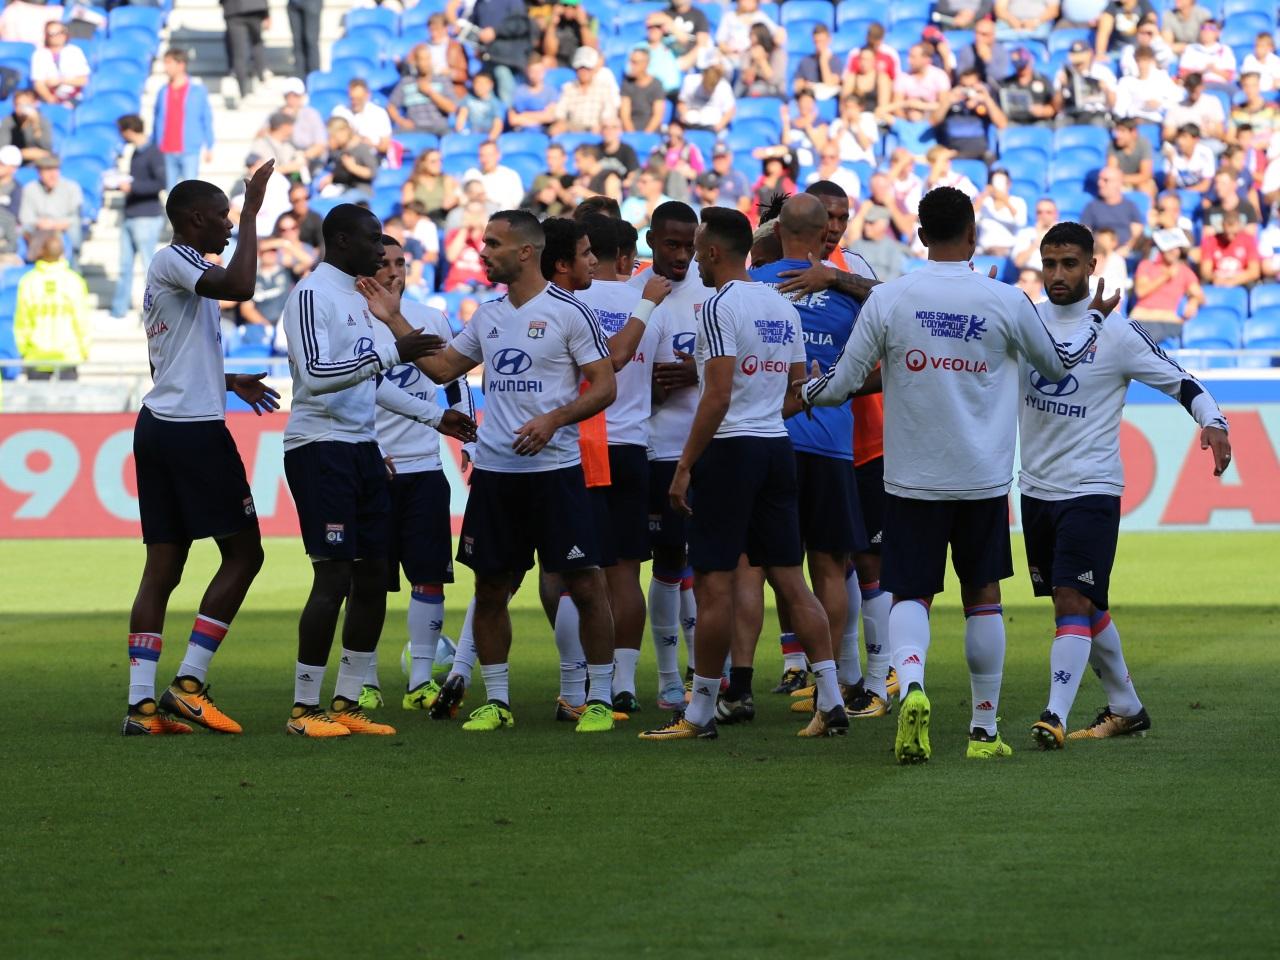 Génésio a pesté contre ses joueurs — Lyon